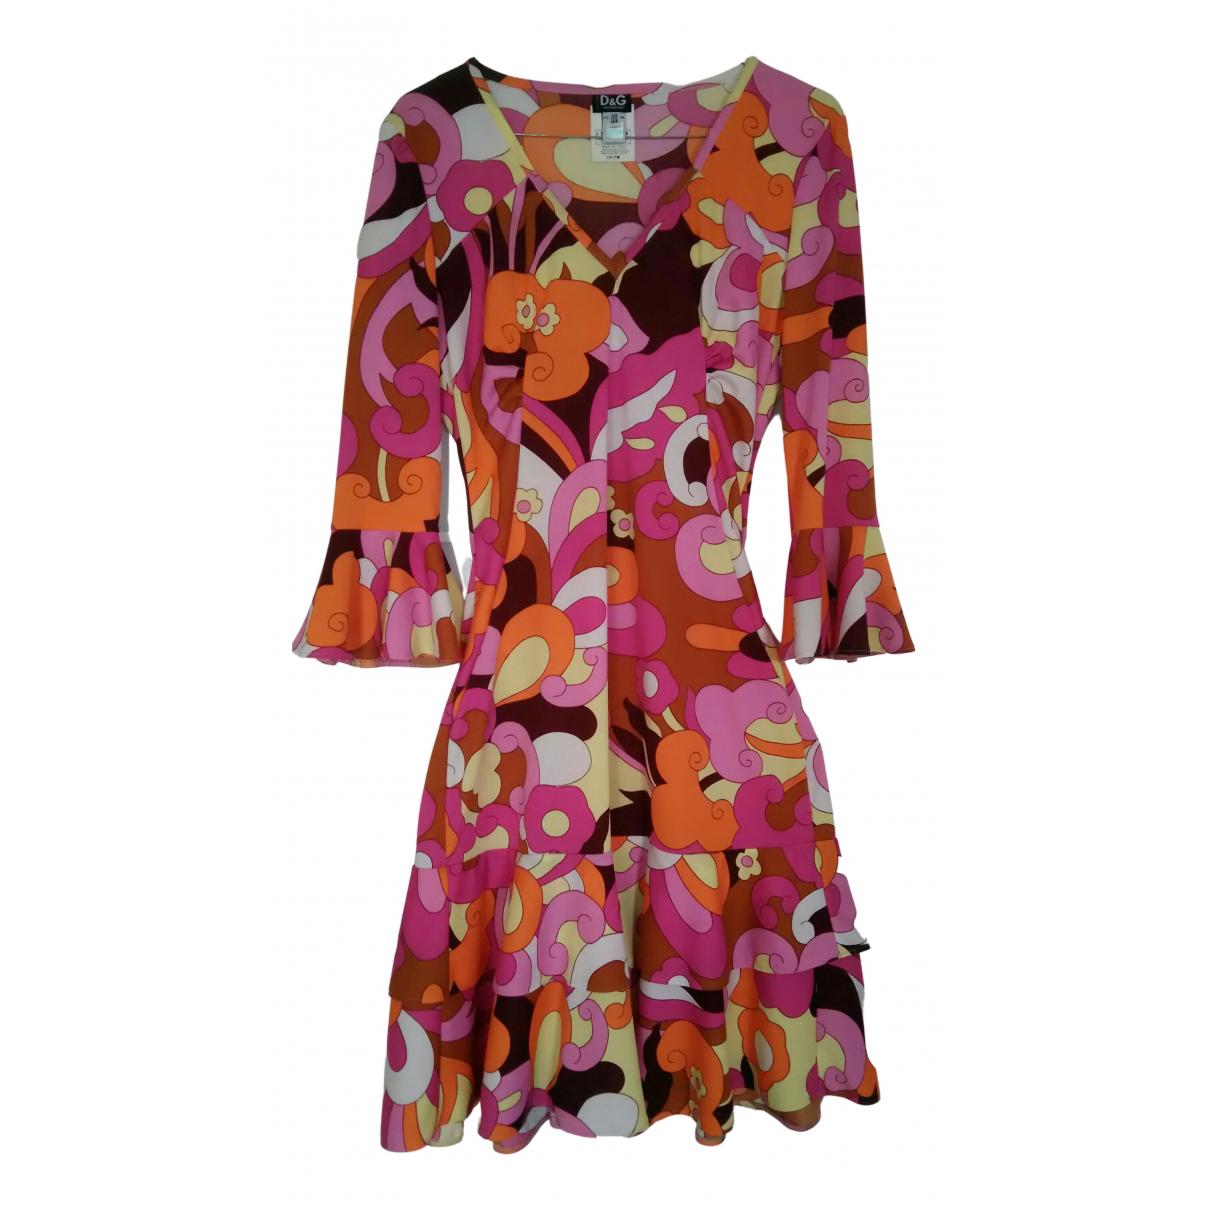 D&g \N Kleid in  Bunt Polyester